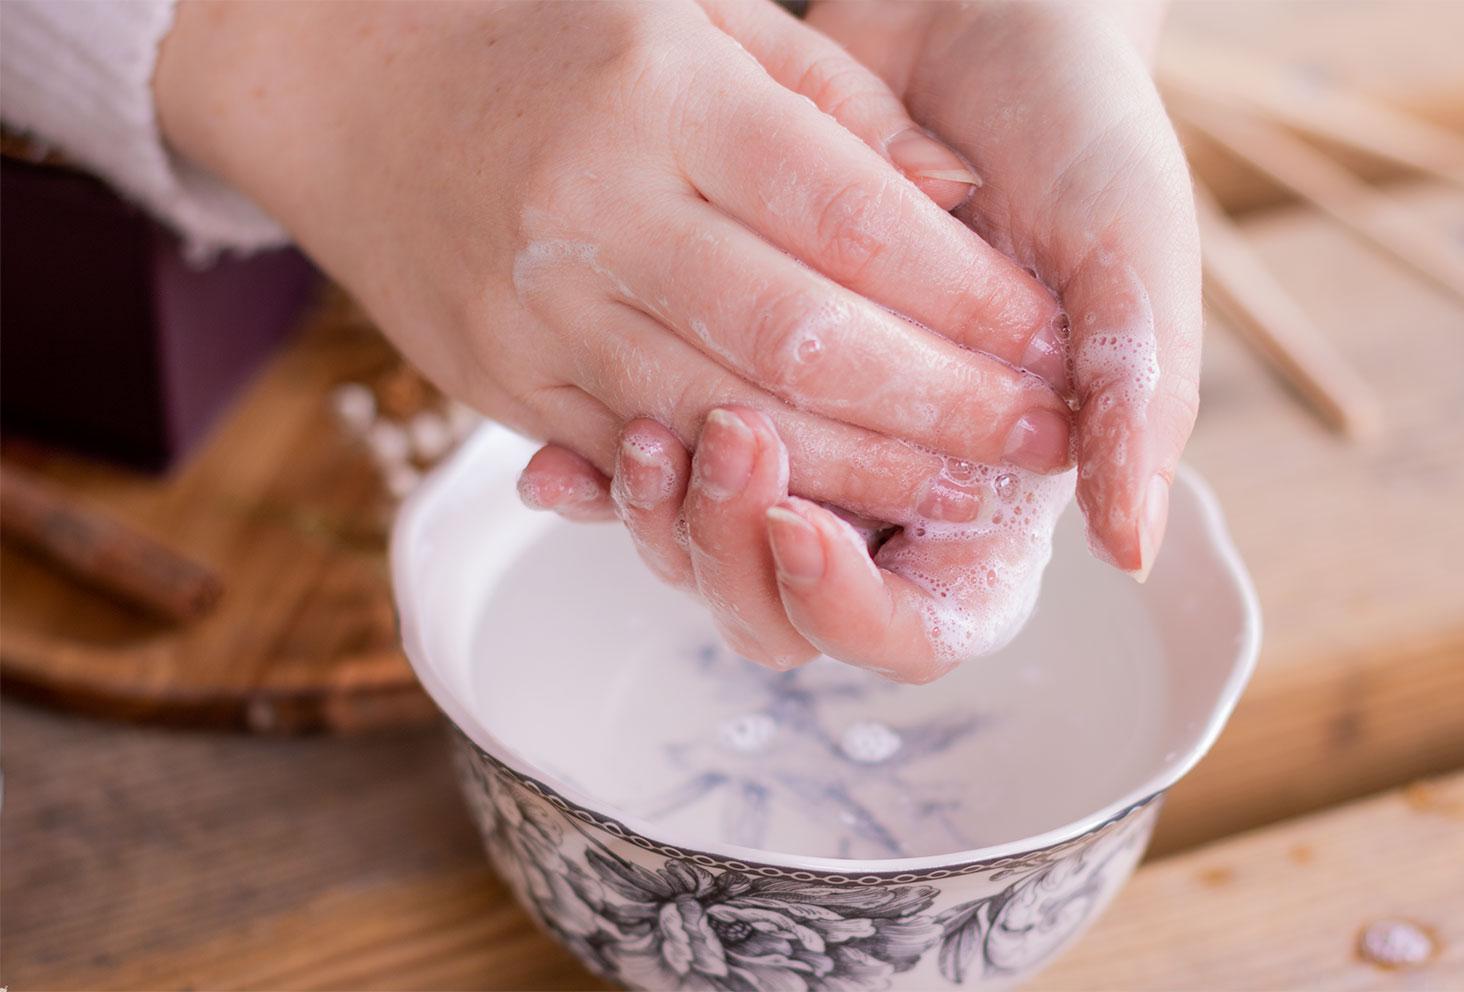 Mousse sur les mains à l'utilisation du savon liquide de Marseille de la gamme Palais Divin de Baïja, au-dessus d'un bol rempli d'eau